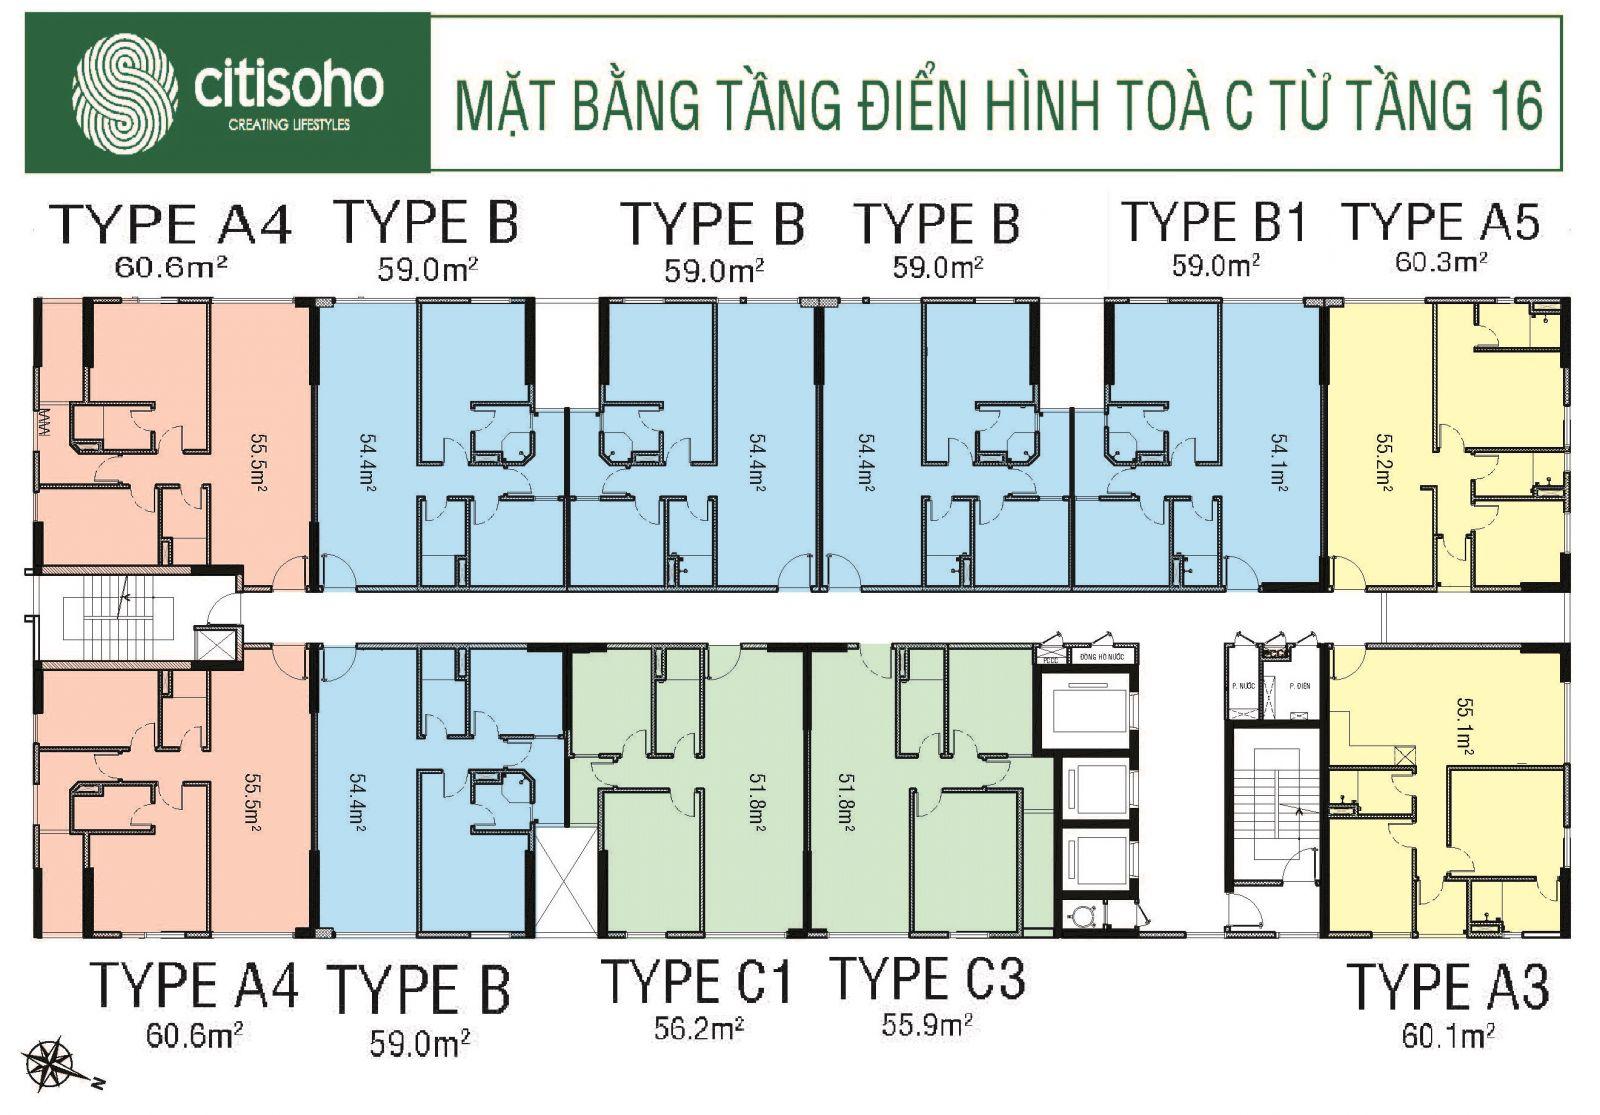 mat bang tang citi soho 16